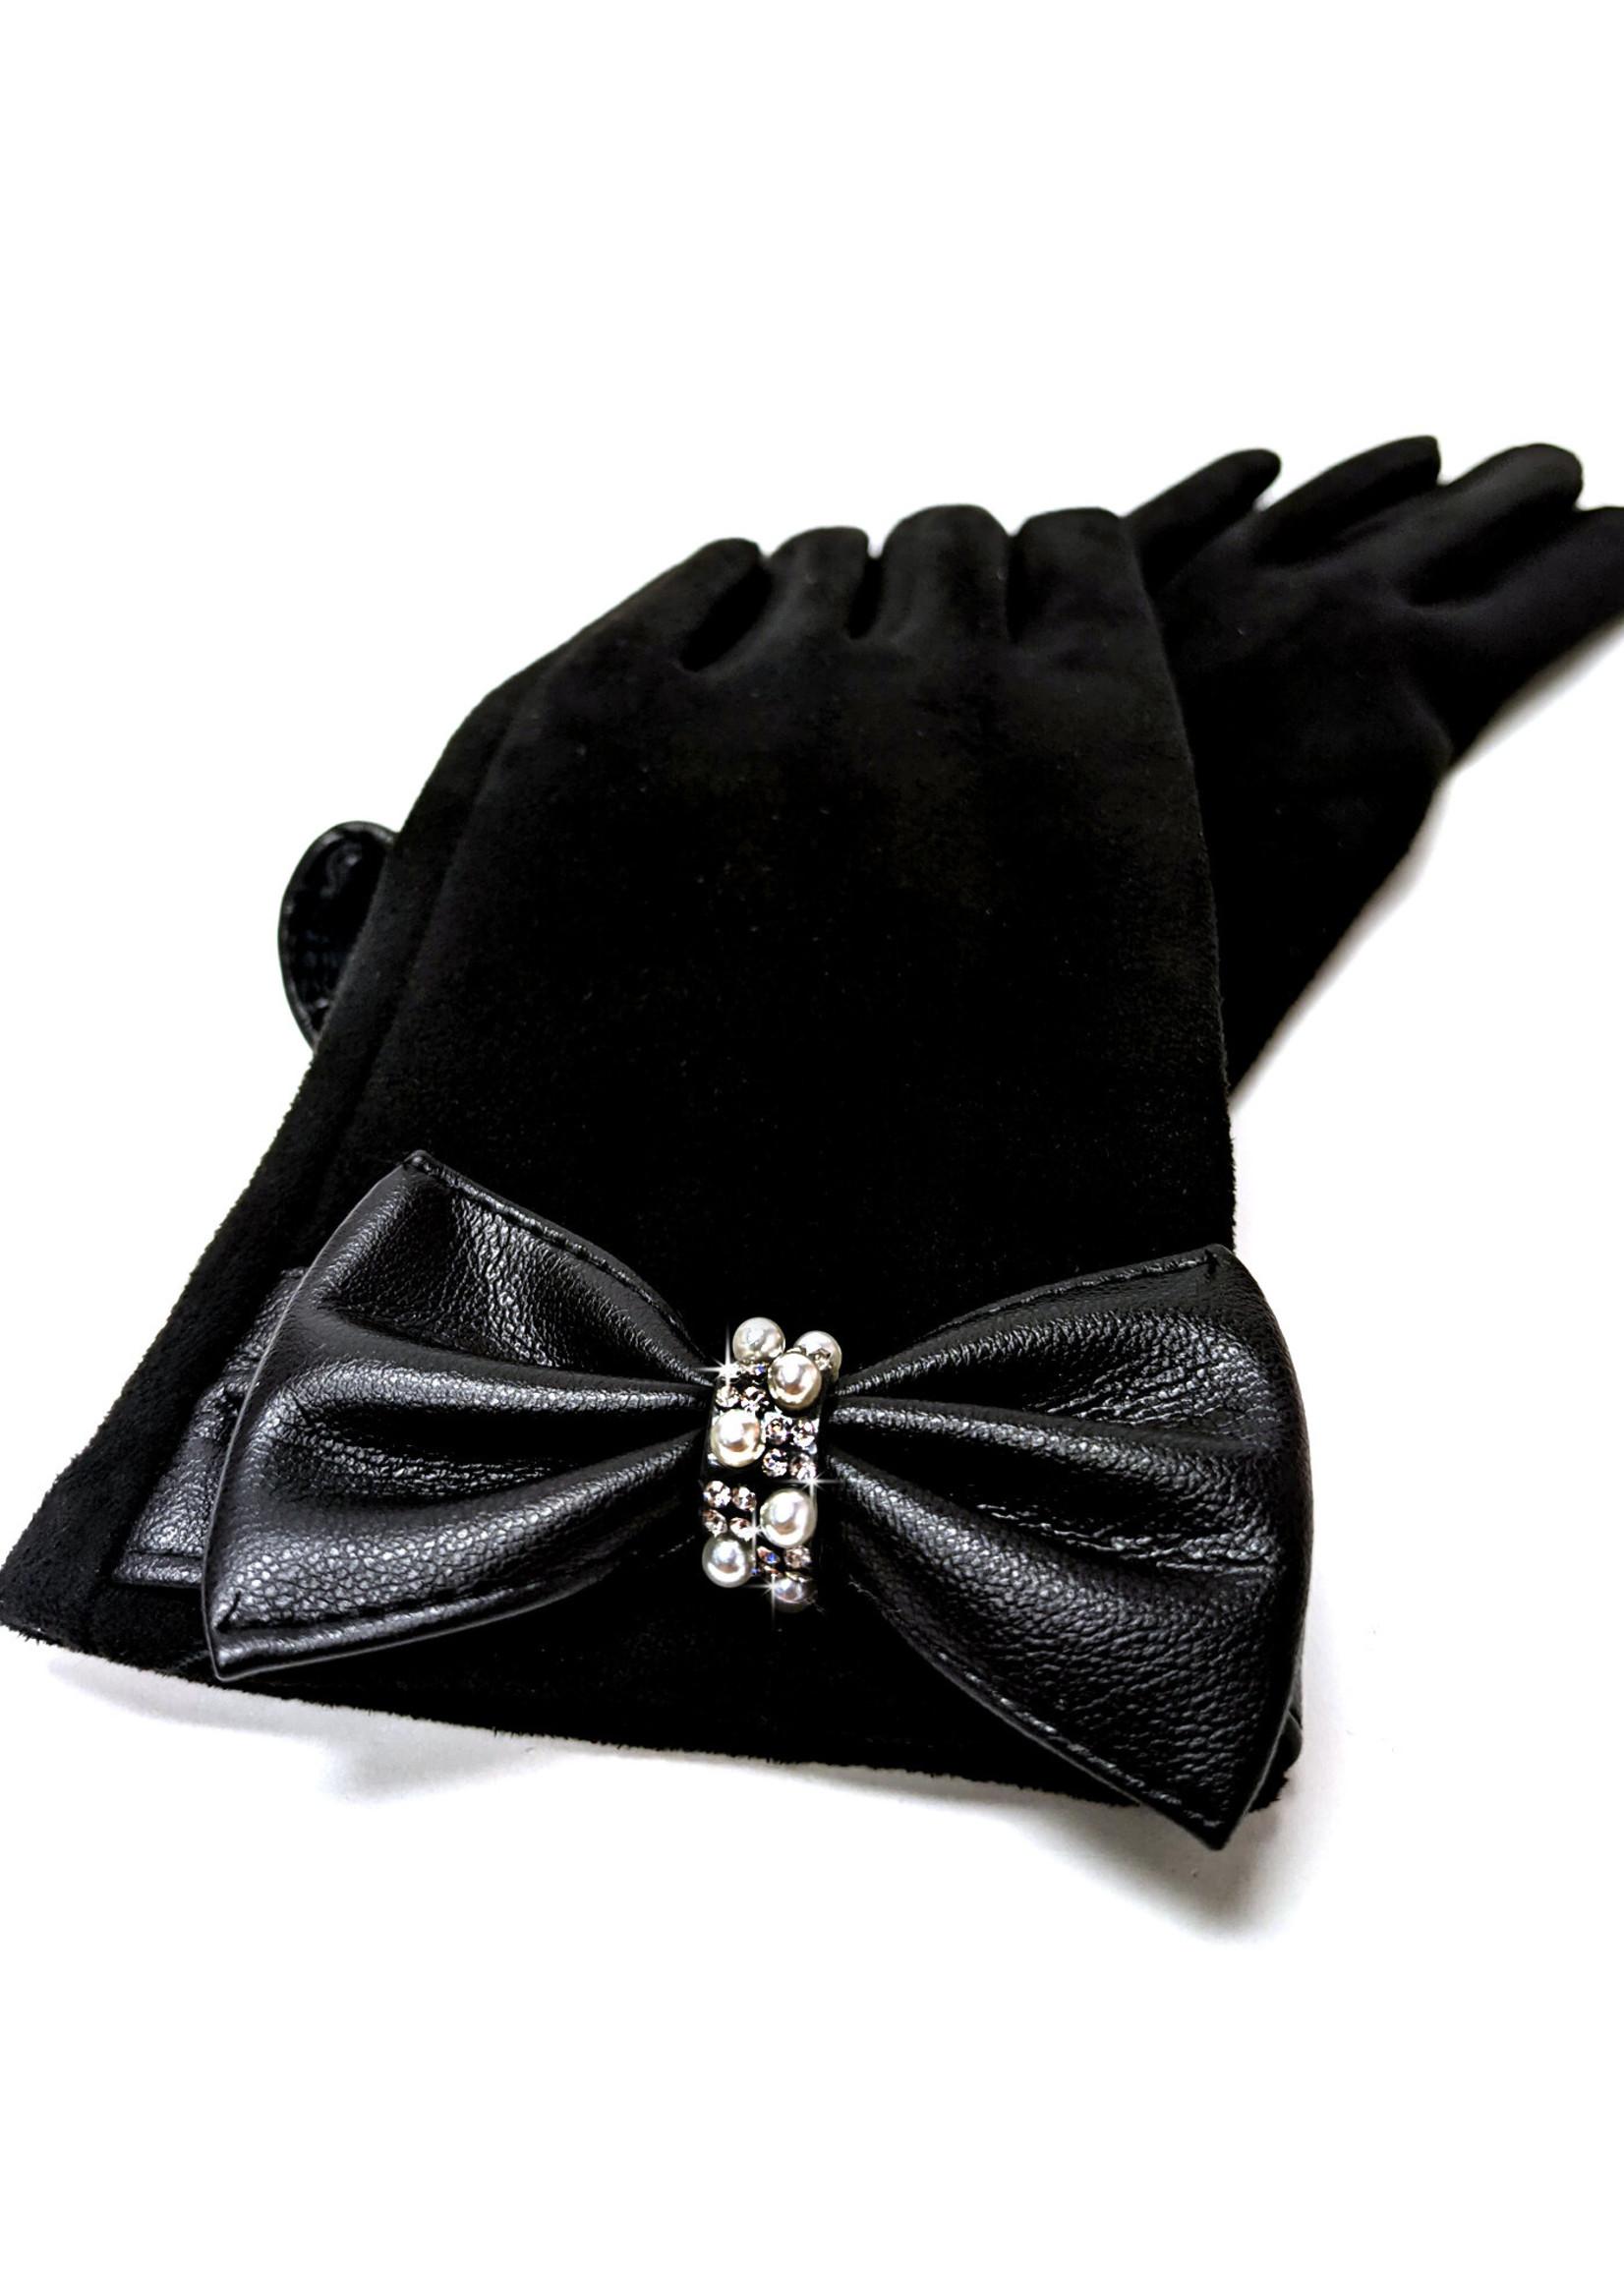 Jacqueline Kent Bubbles & Bling Classic Bow Gloves